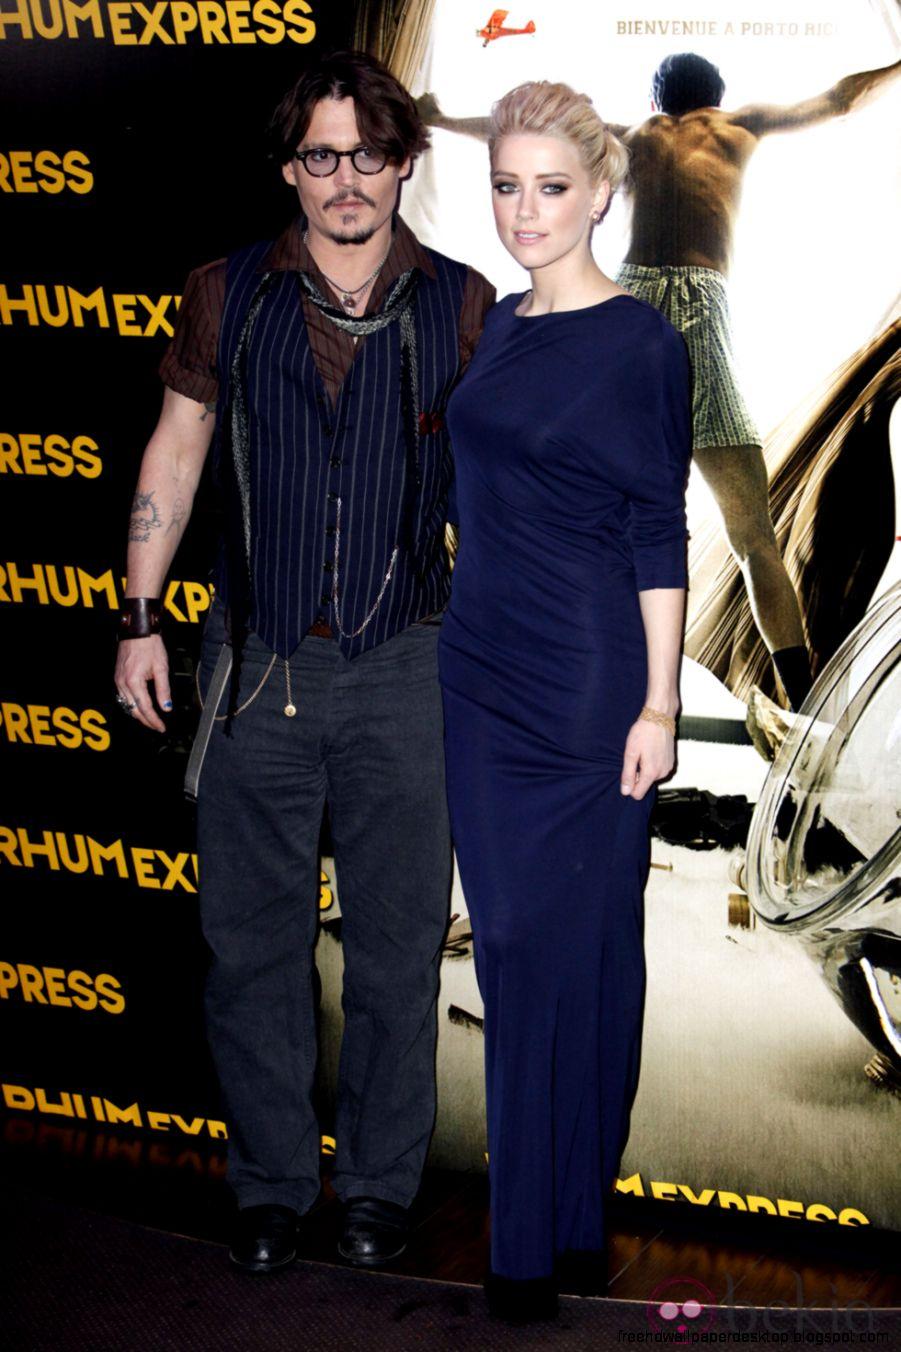 La Cuestión – Semana de boda para Johnny Depp y Amber Heard en Bahamas